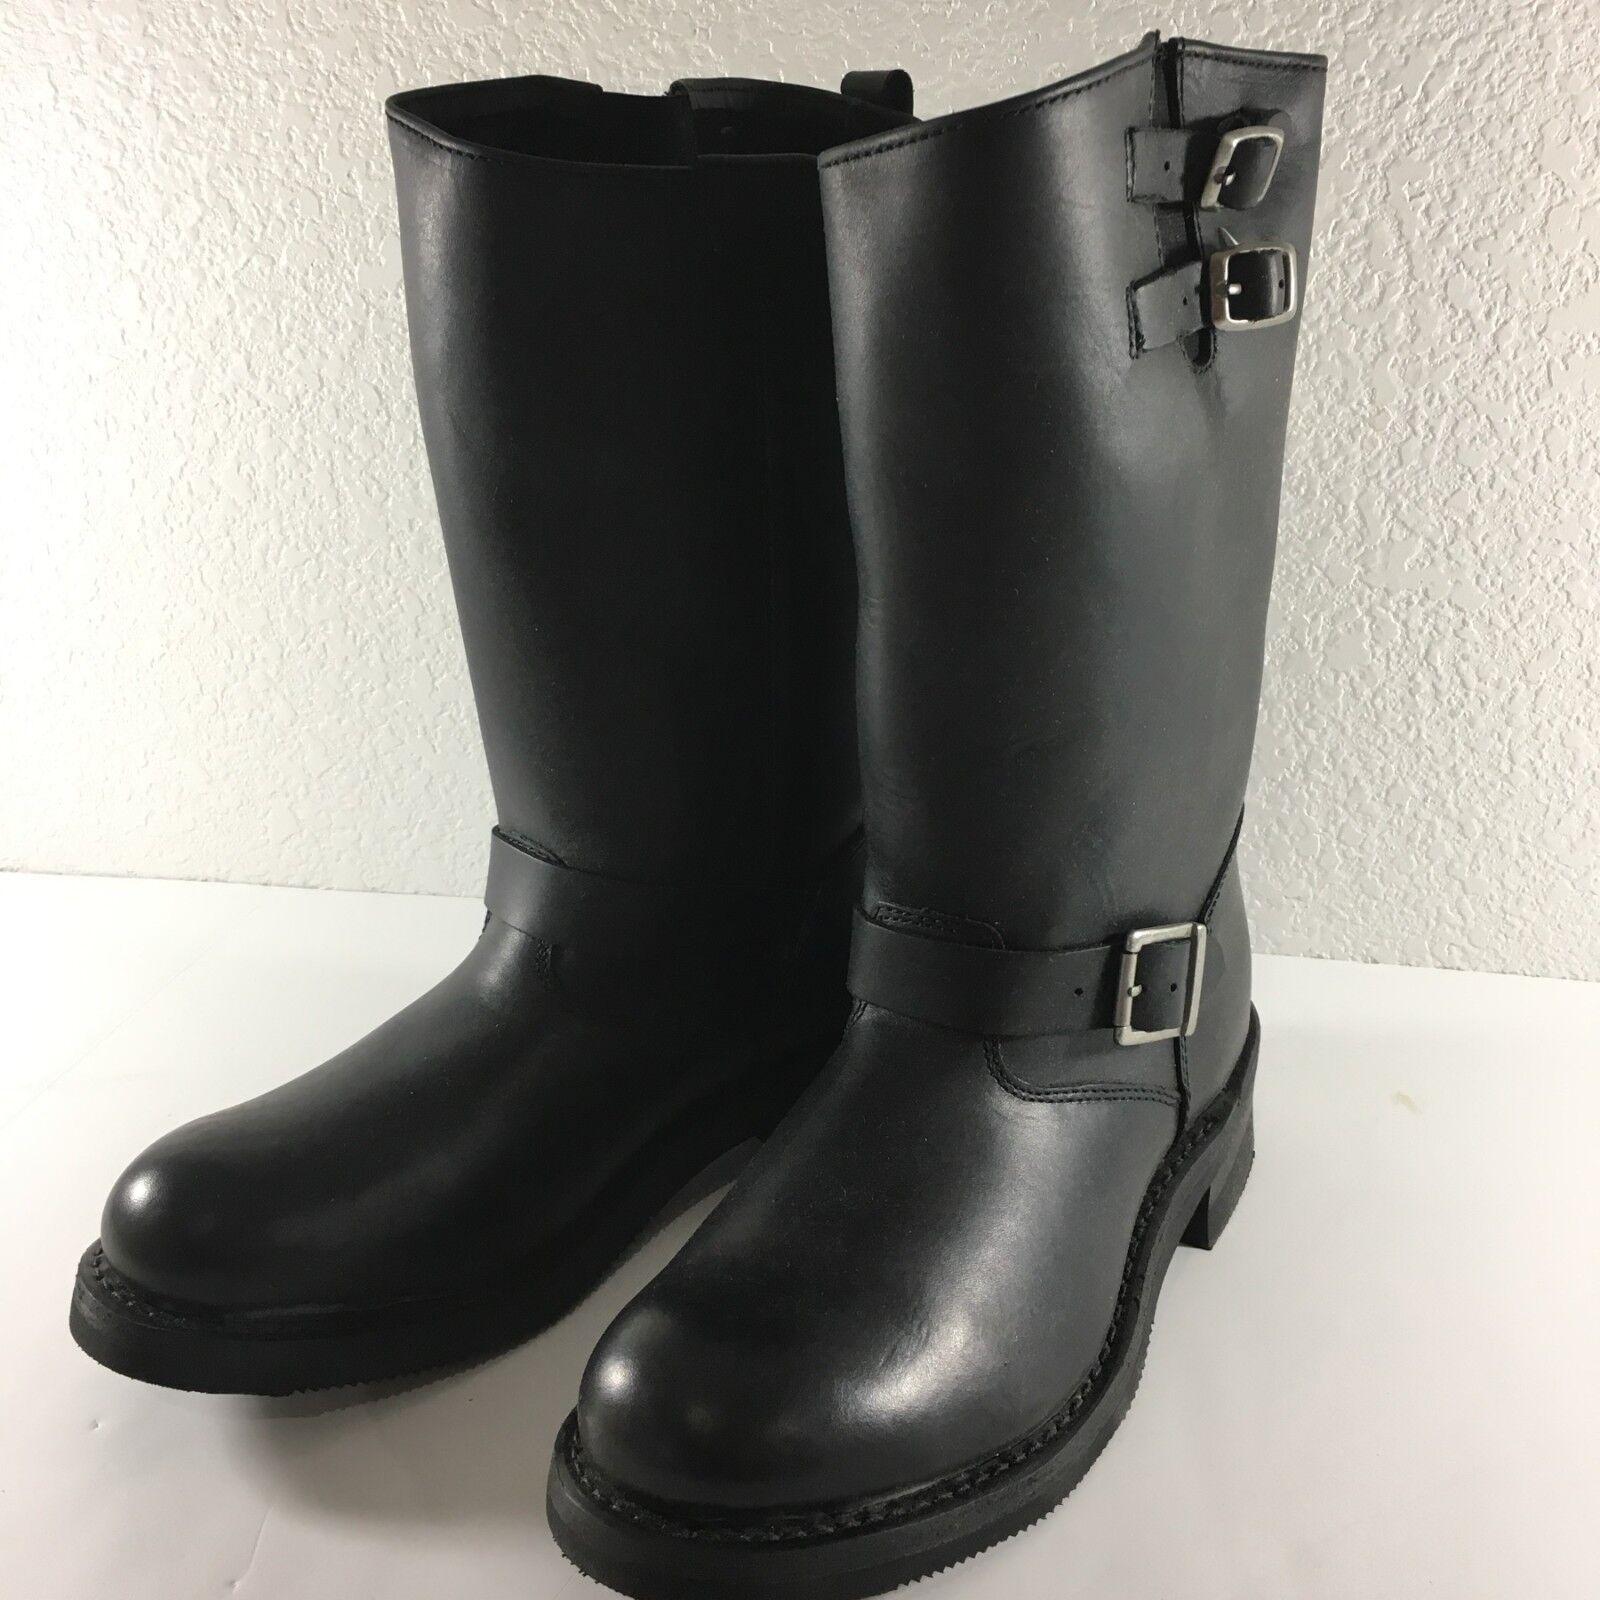 botas negras para hombre River Road Cuero Tamaño 10.5 Bota de moto de doble hebilla de carretera